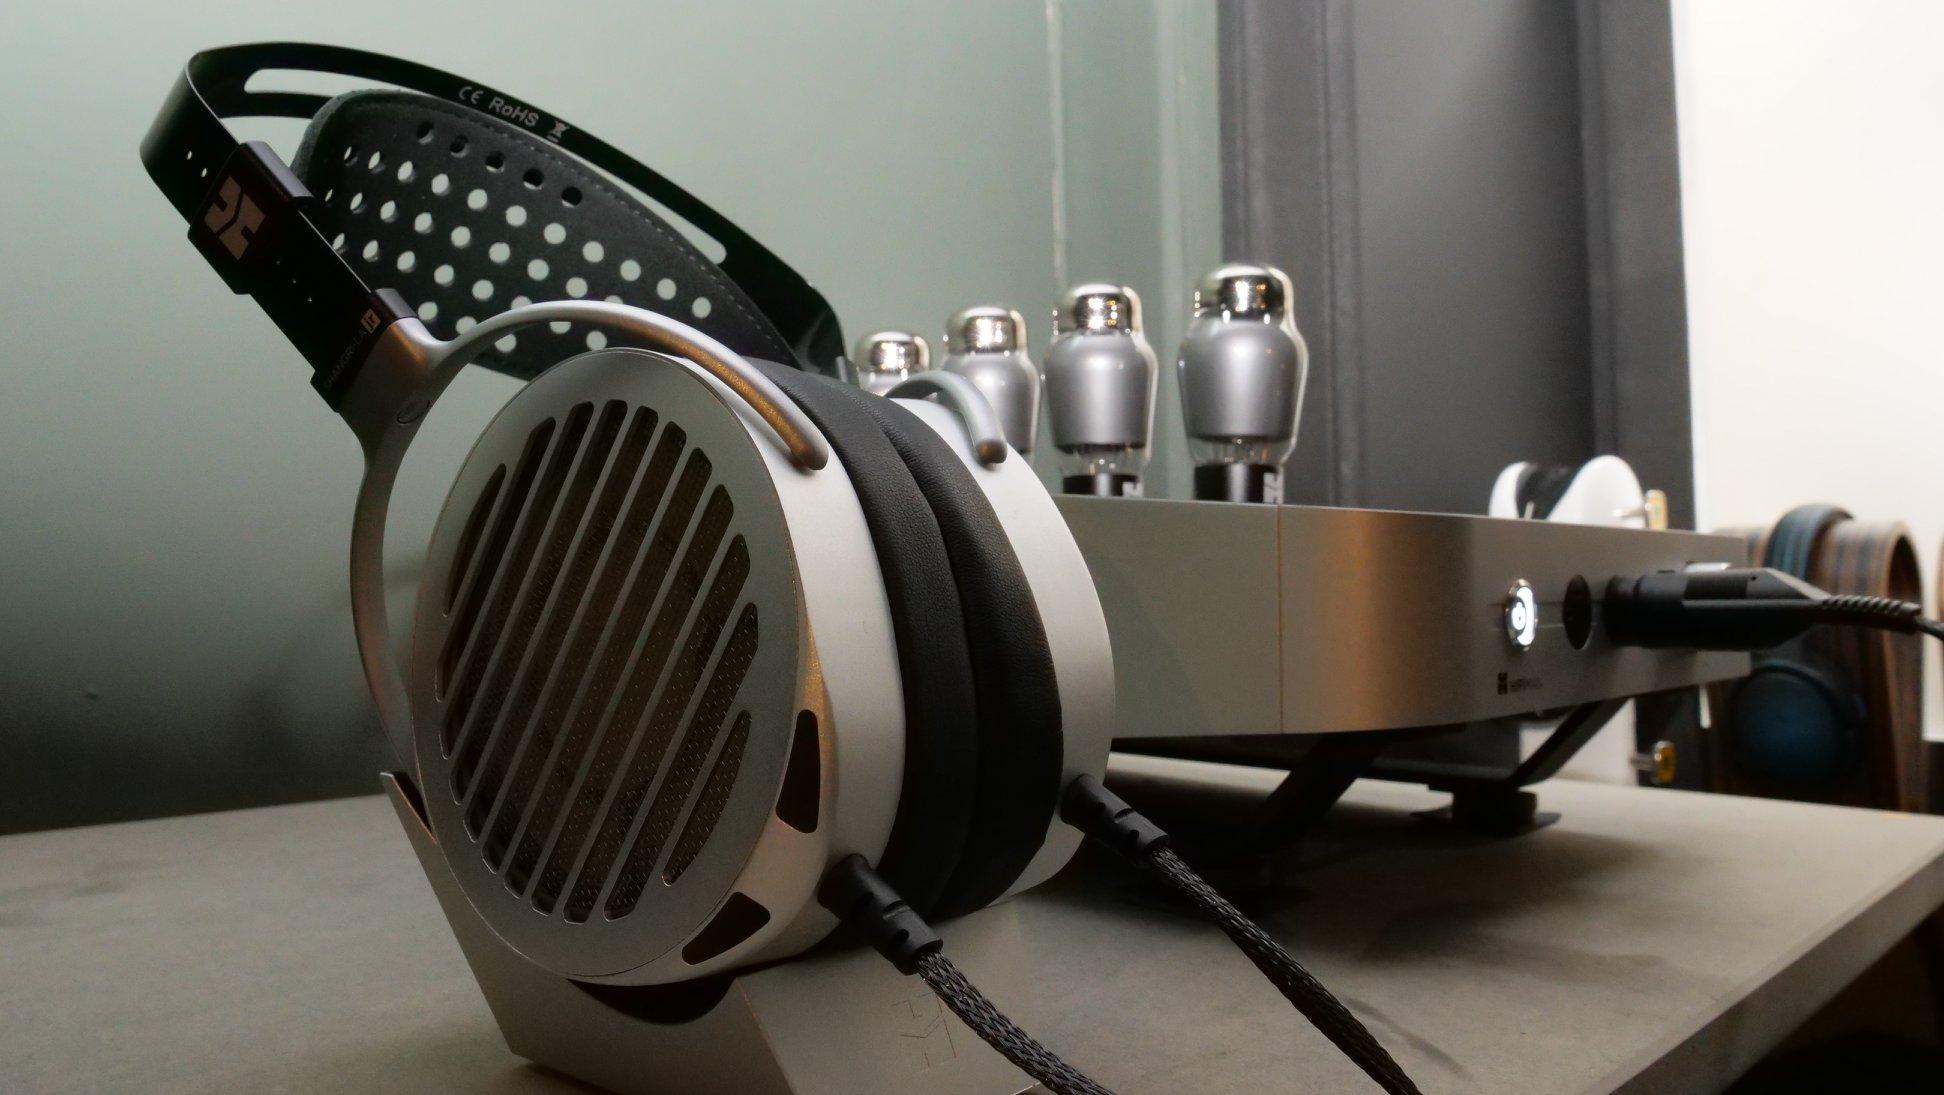 HiFiMan SHANGRI-LA jr electrostatic headphones with amp